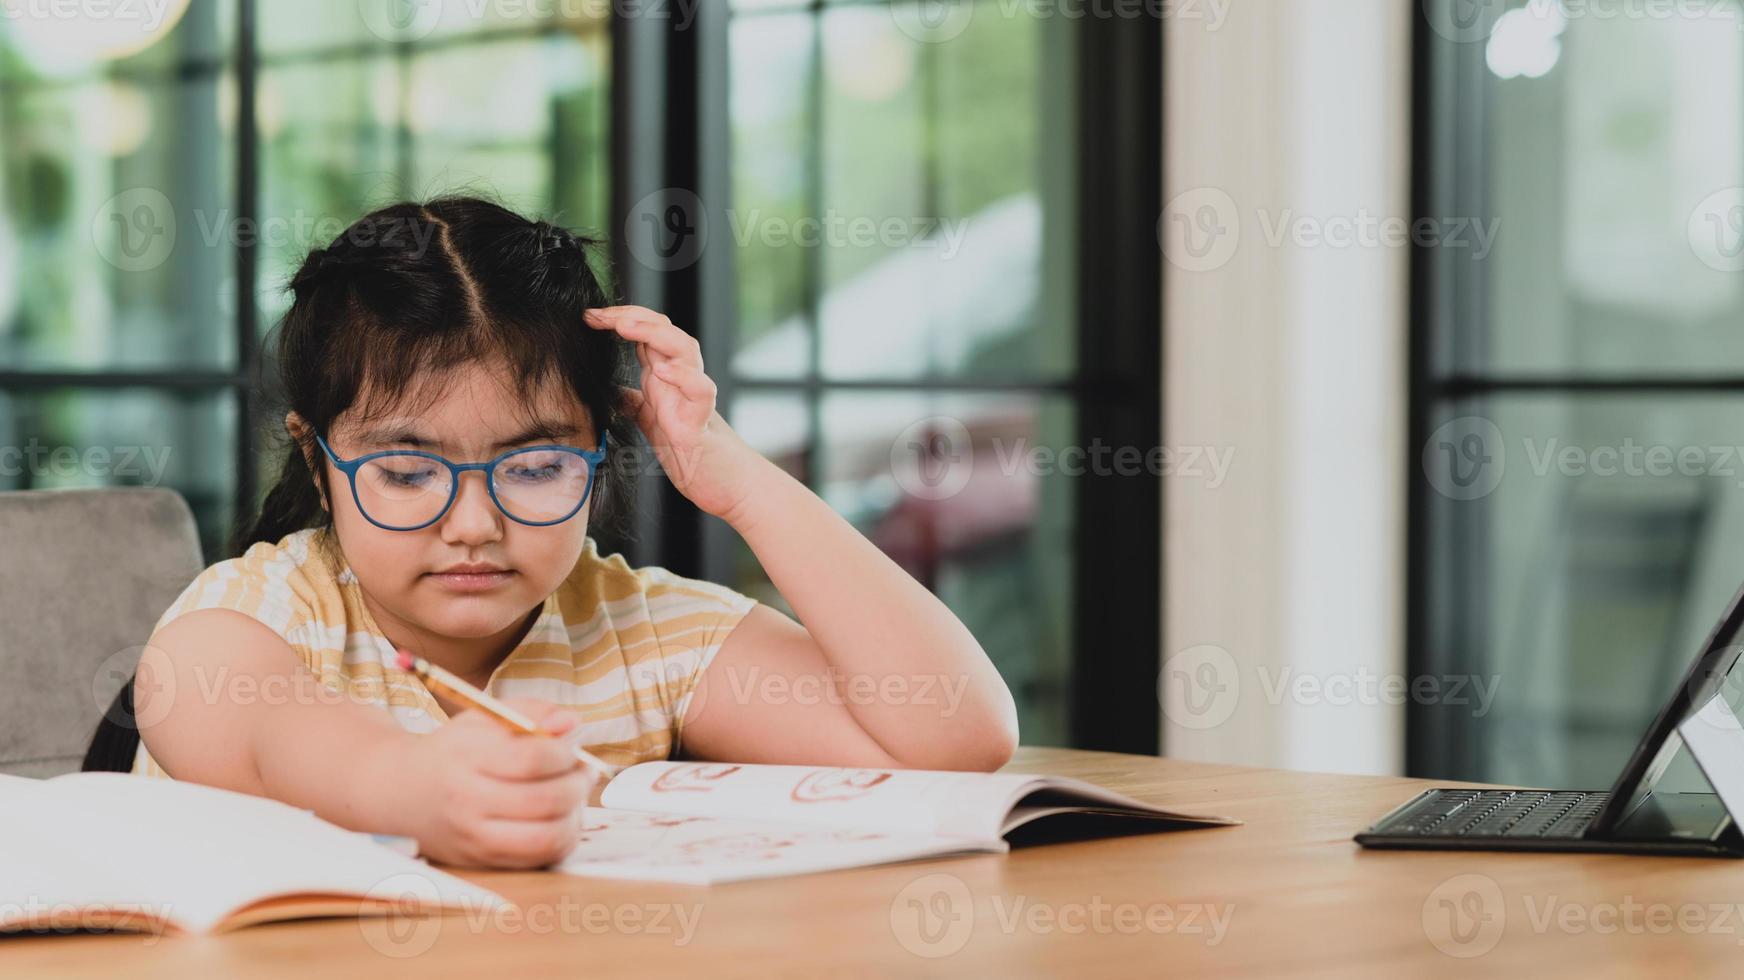 une petite fille à lunettes dessine dans un cahier avec une tablette. photo